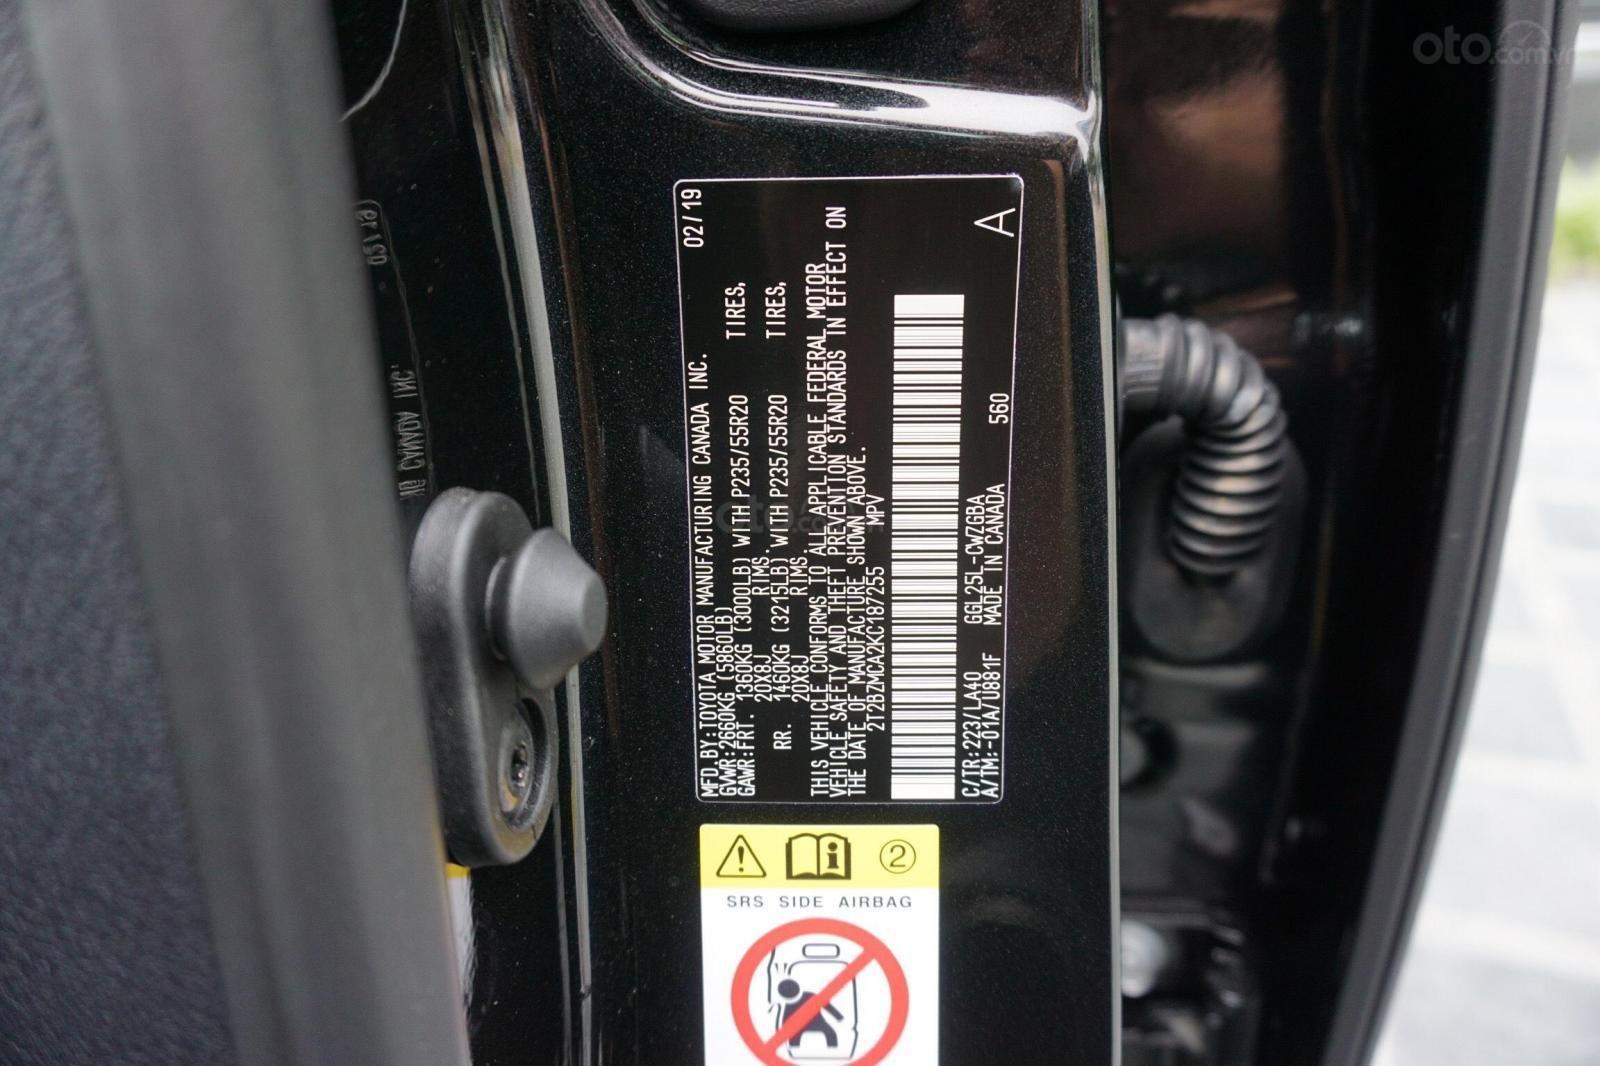 Bán ô tô Lexus RX 350 SX 2019, xe nhập Mỹ full kịch options, giá tốt, giao ngay toàn quốc, LH 093.996.2368 Ms Ngọc Vy (16)